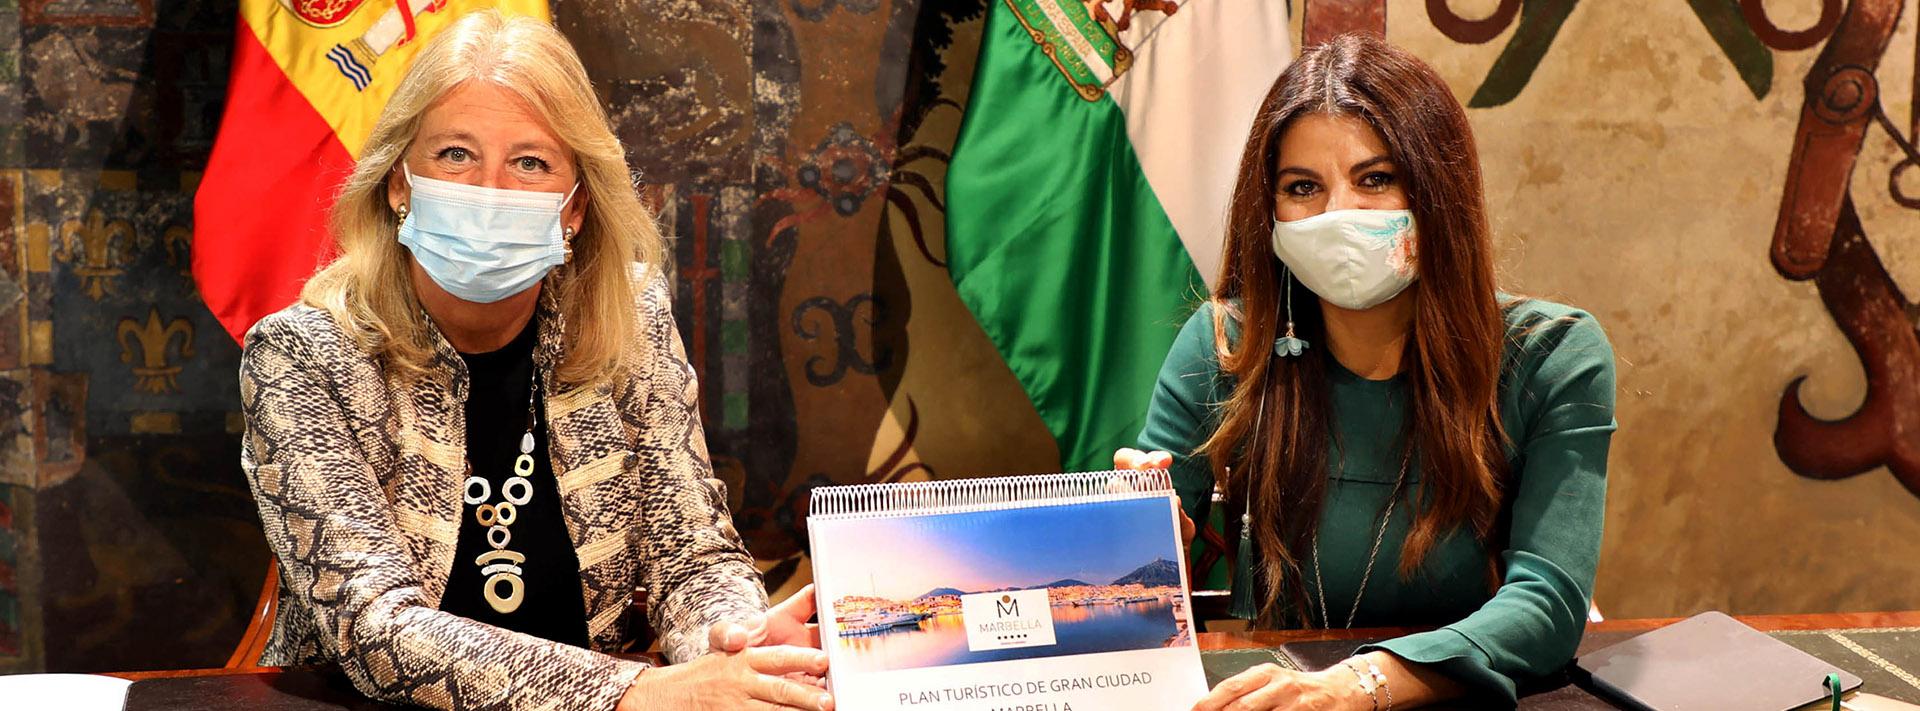 El Ayuntamiento propone a la Junta invertir 10 millones en un plan turístico